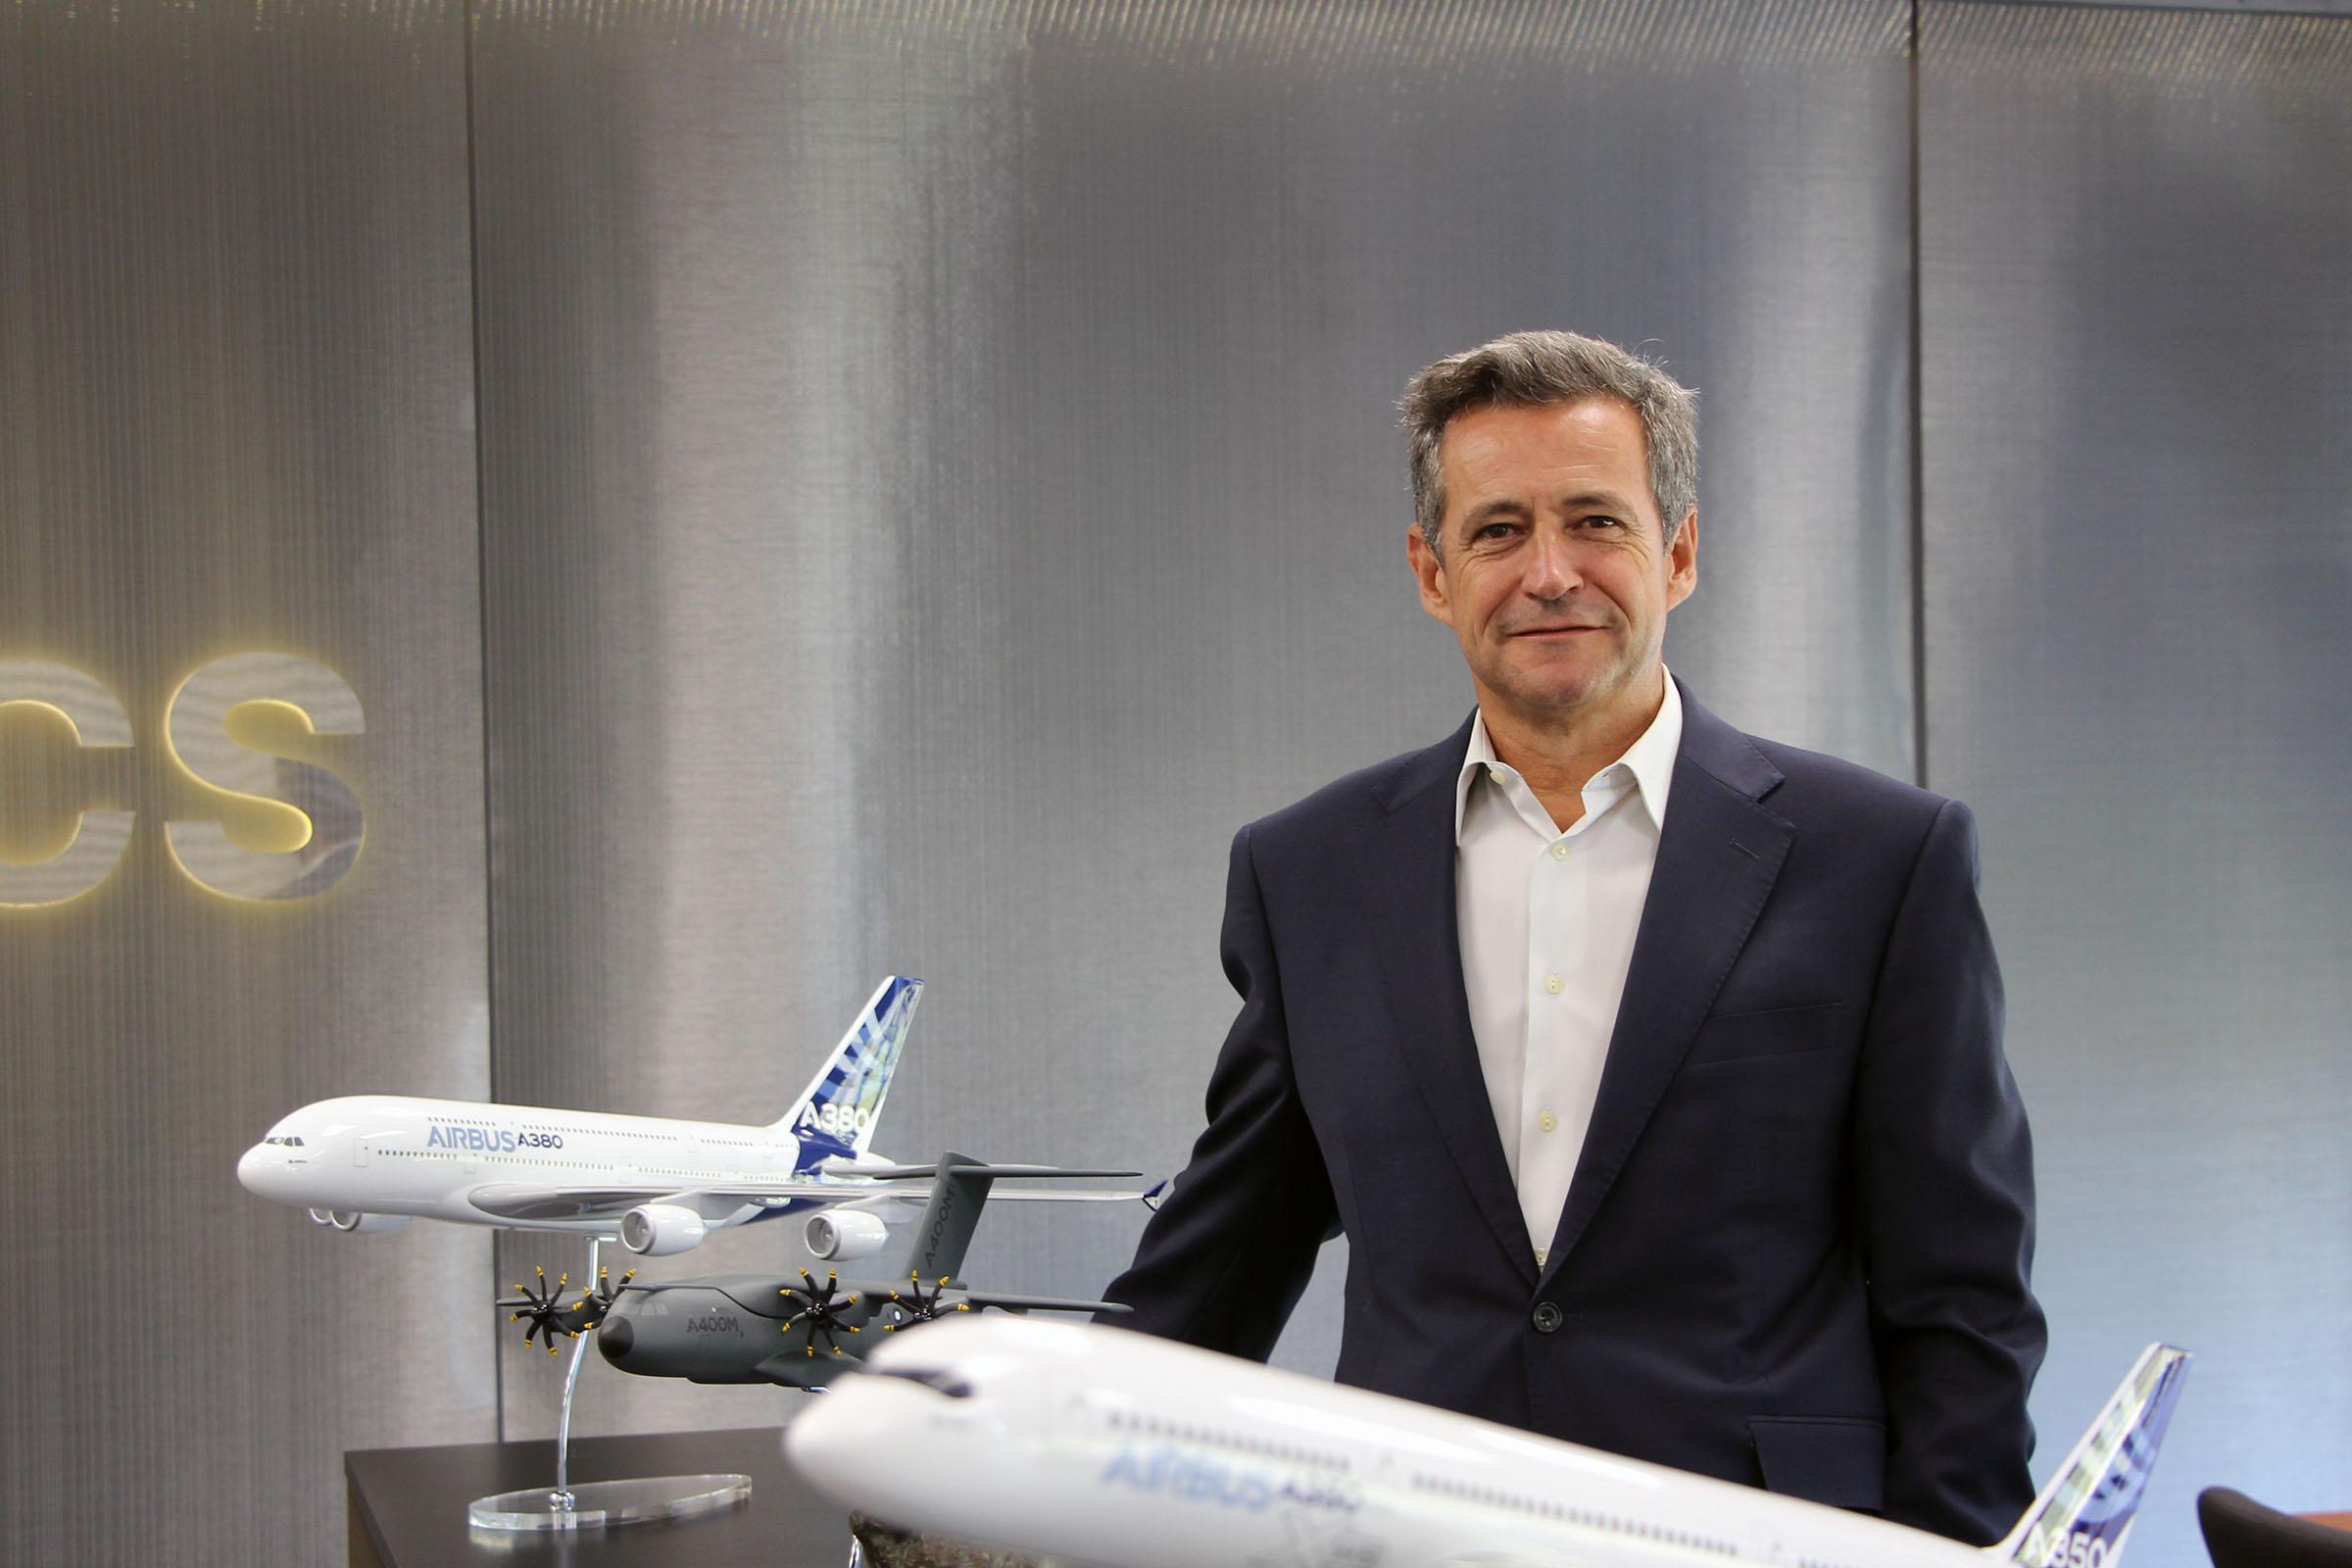 Las empresas del sector aeroespacial de Andalucía se constituyen en asociación para reforzar su presencia en el patronato de Hélice